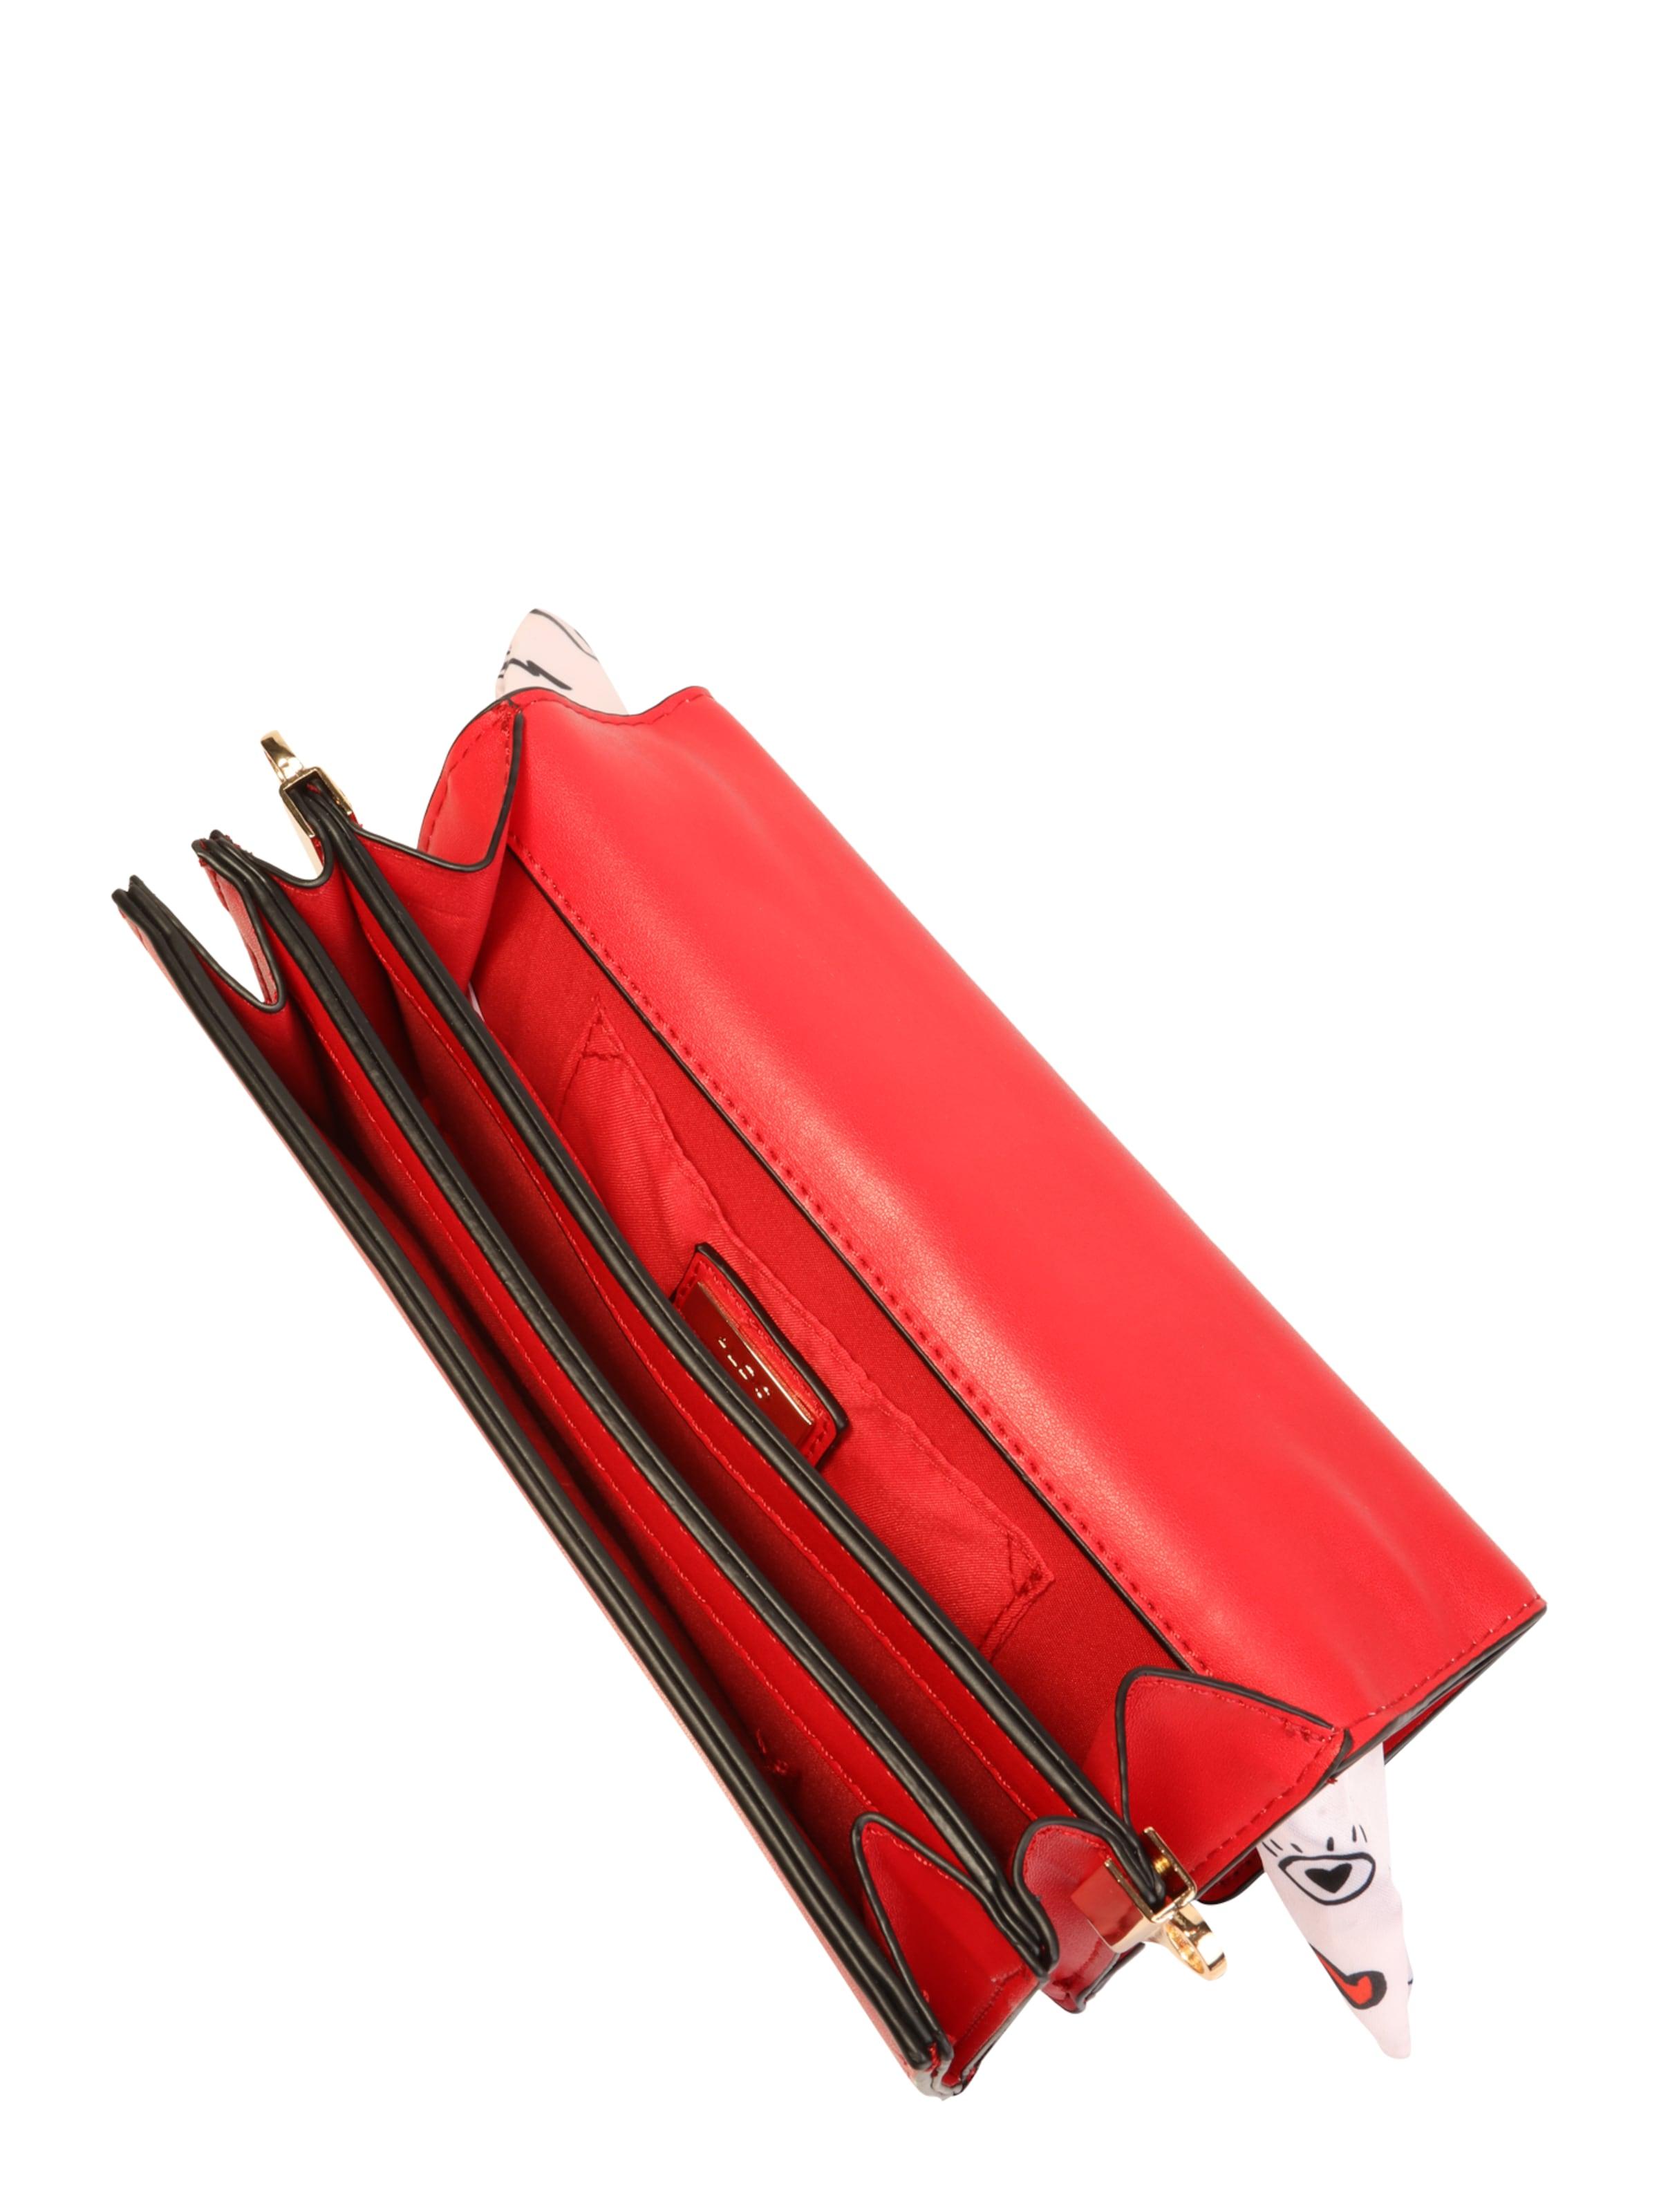 ALDO Kleine Tasche 'CHANUTE' Besuchen Günstigen Preis Niedrig Versandkosten Für Verkauf Mit Mastercard Online-Verkauf Footlocker Finish Verkauf Online 3WX2C